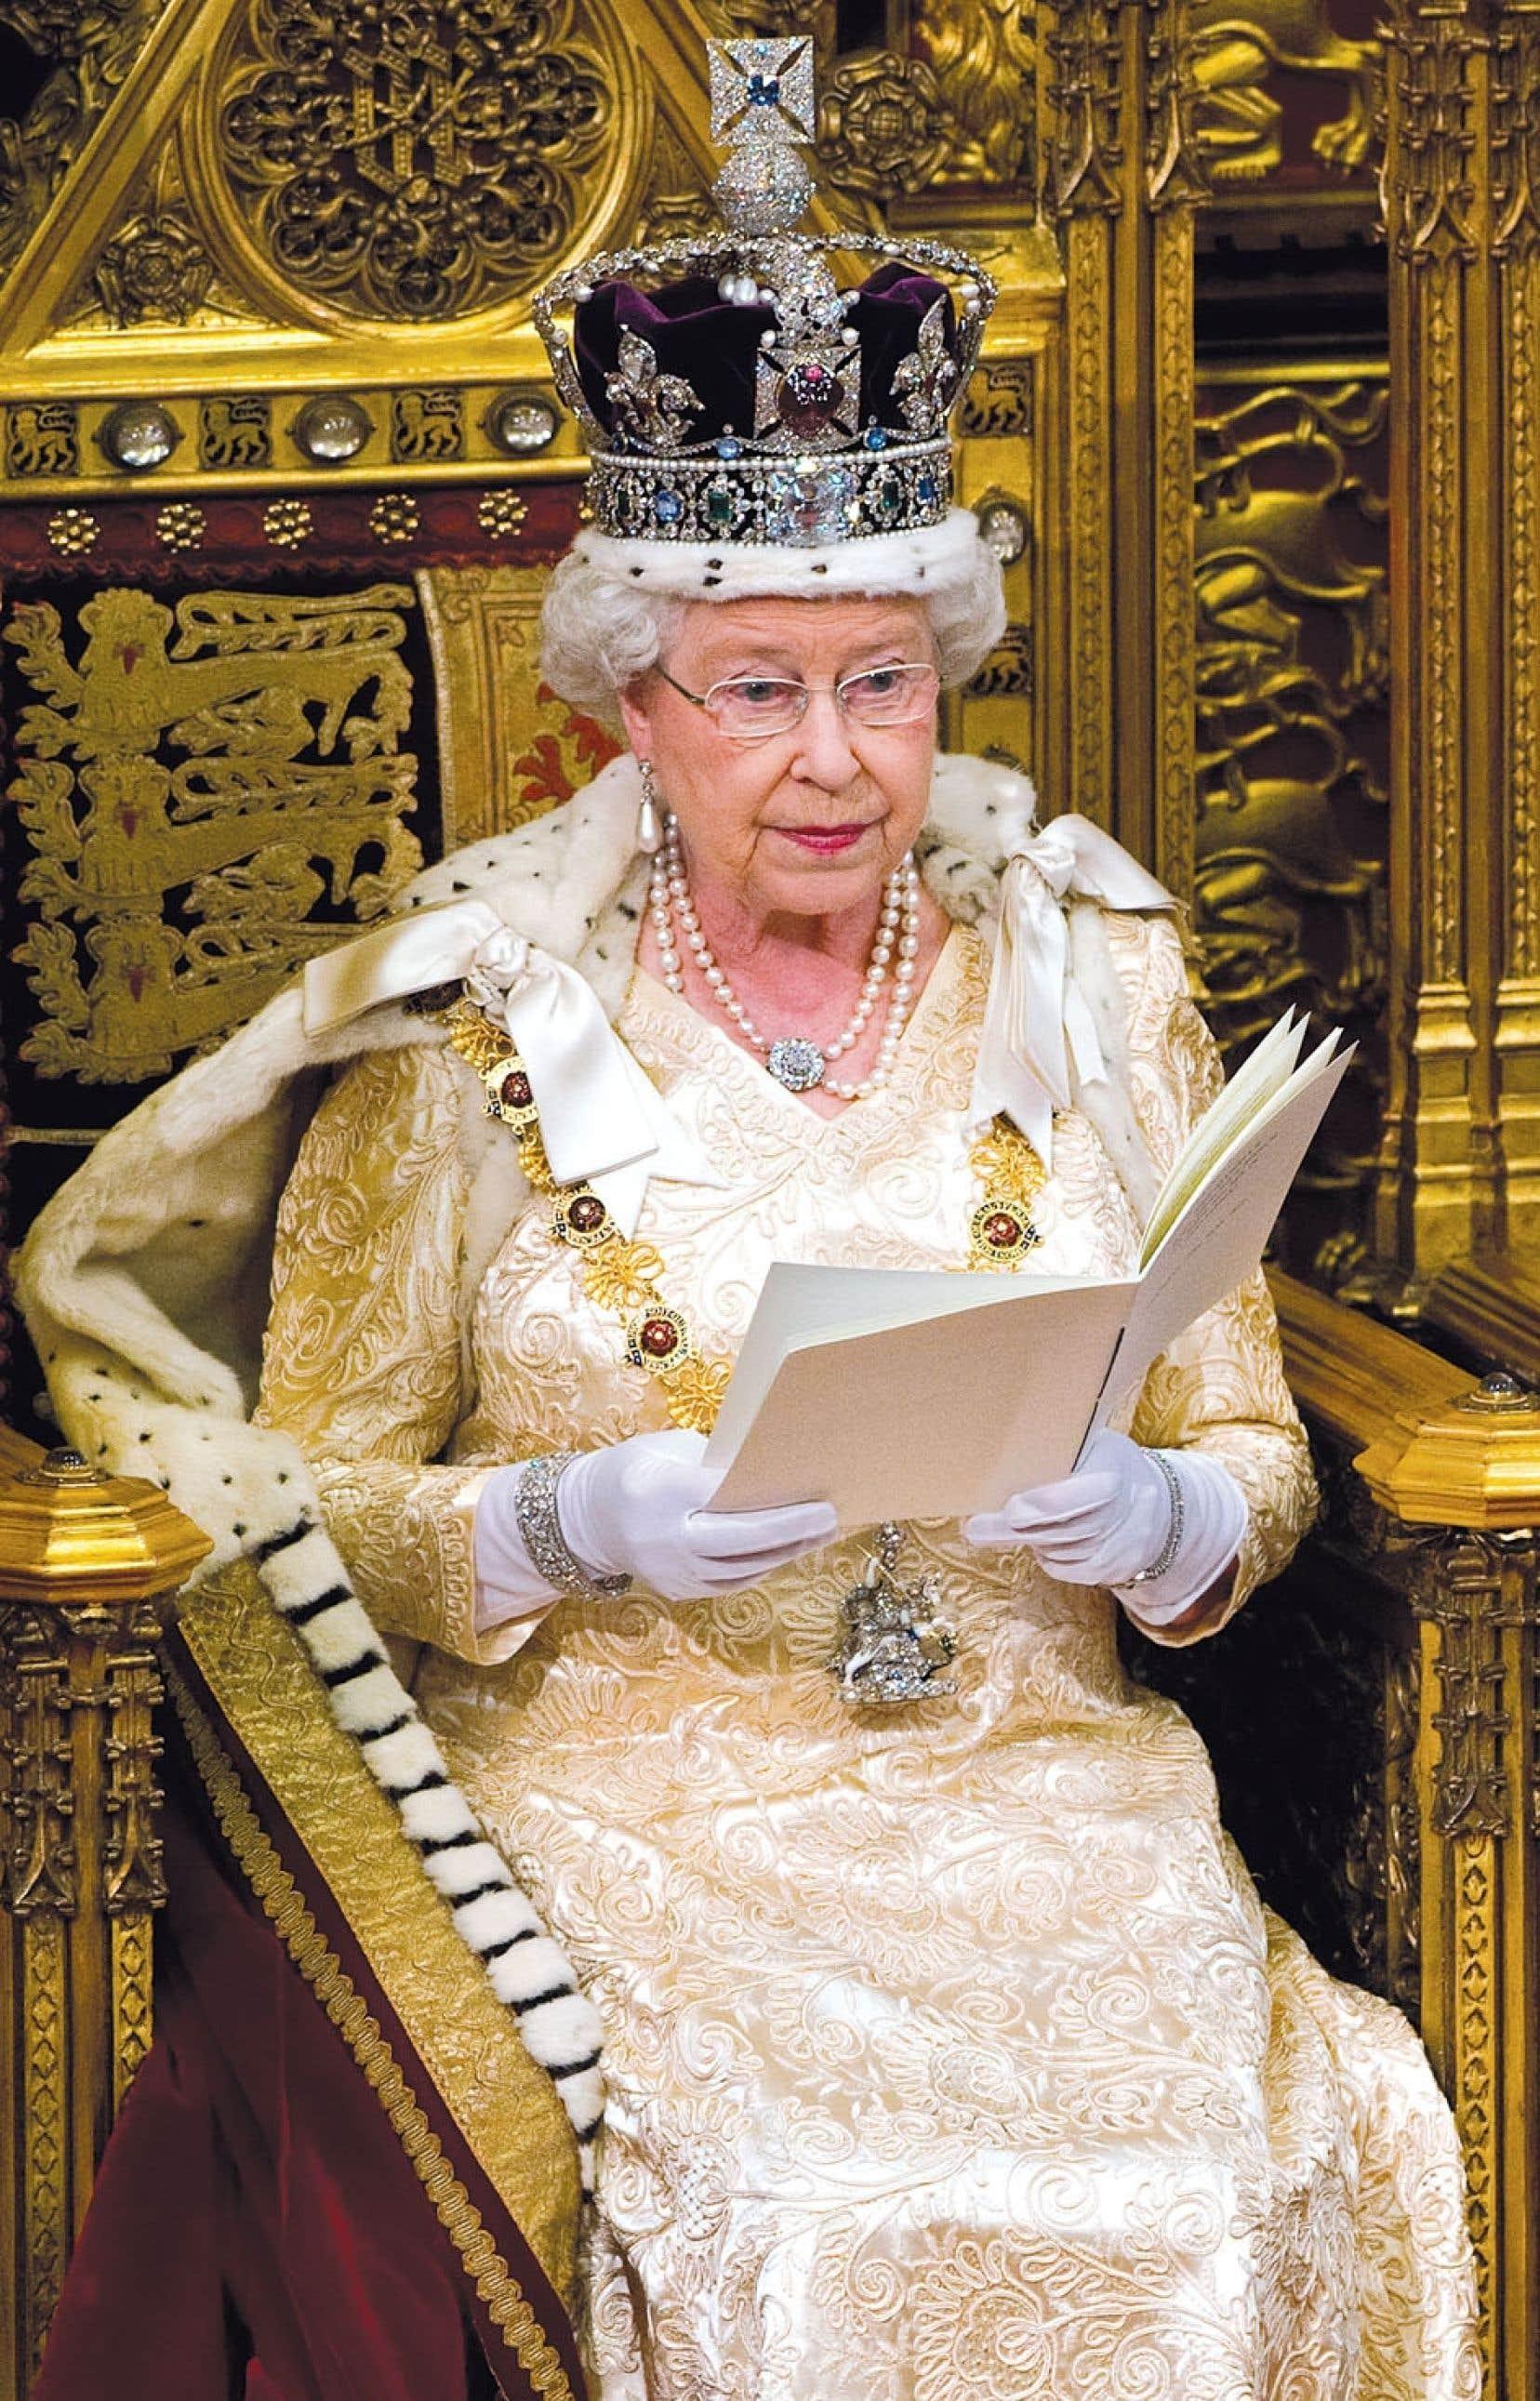 Vue du Canada, cette affaire intrigue. Après tout, Élisabeth II est aussi reine du Canada, comme le proclame la loi fédérale sur les titres royaux.